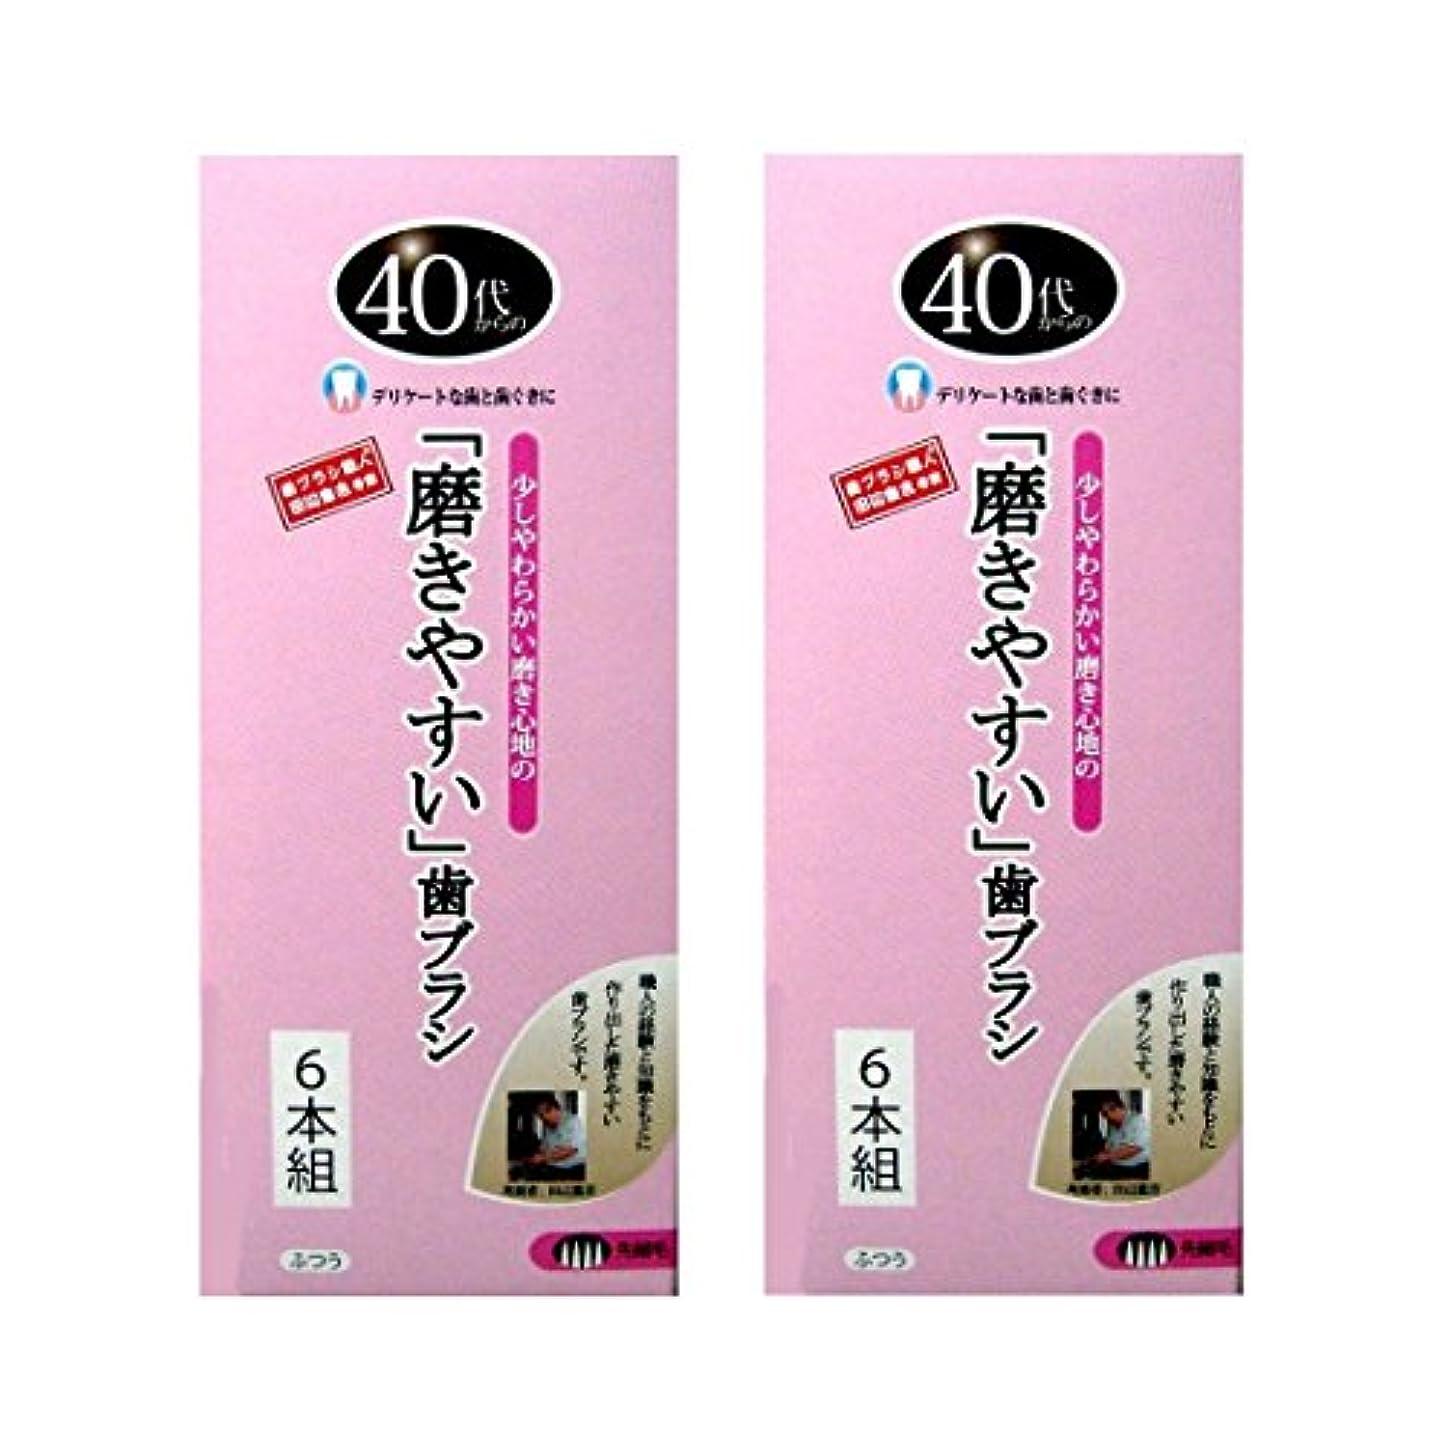 渇き無声でマイナス歯ブラシ職人 田辺重吉考案 40代からの磨きやすい歯ブラシ 先細 6本組×2個セット